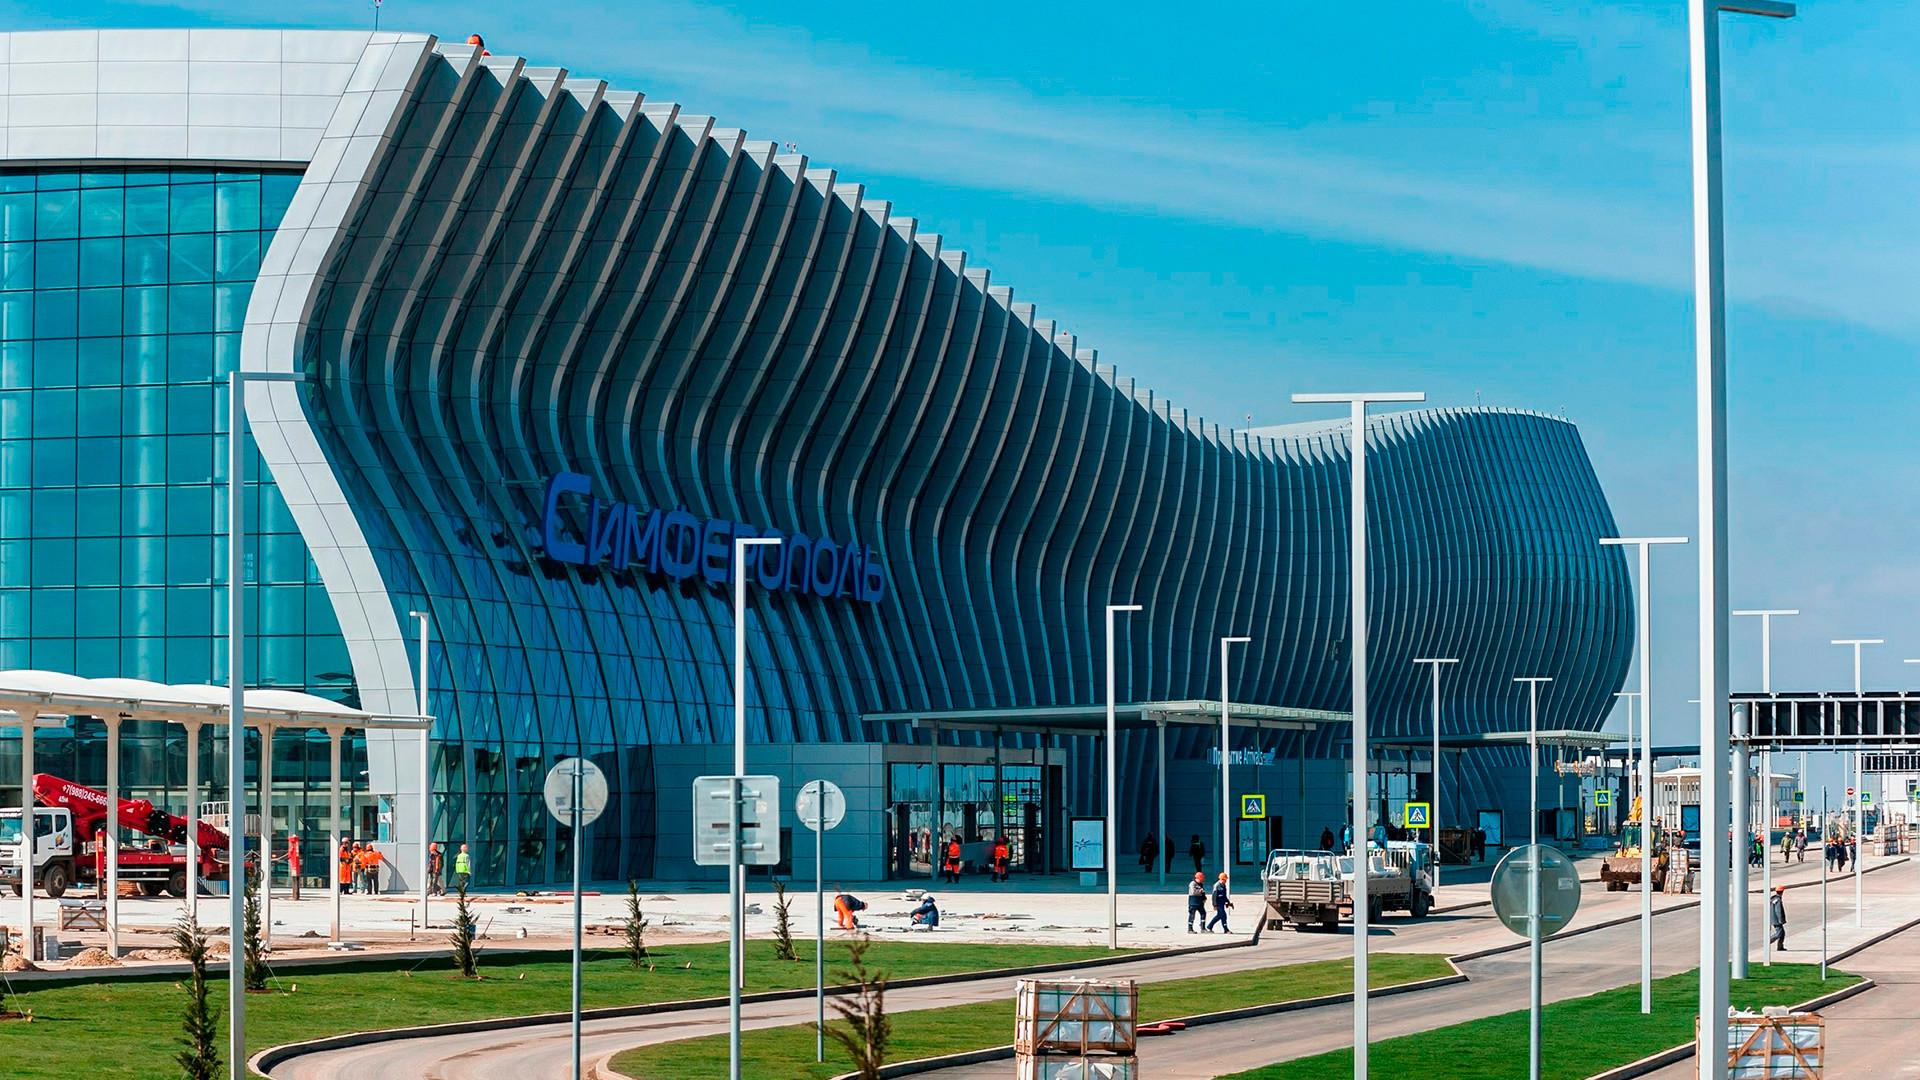 Seit dem 16. April ist nun nach nur 22 Monaten Bauzeit der neue Krim-Flughafen in Simfeopol in Betrieb.